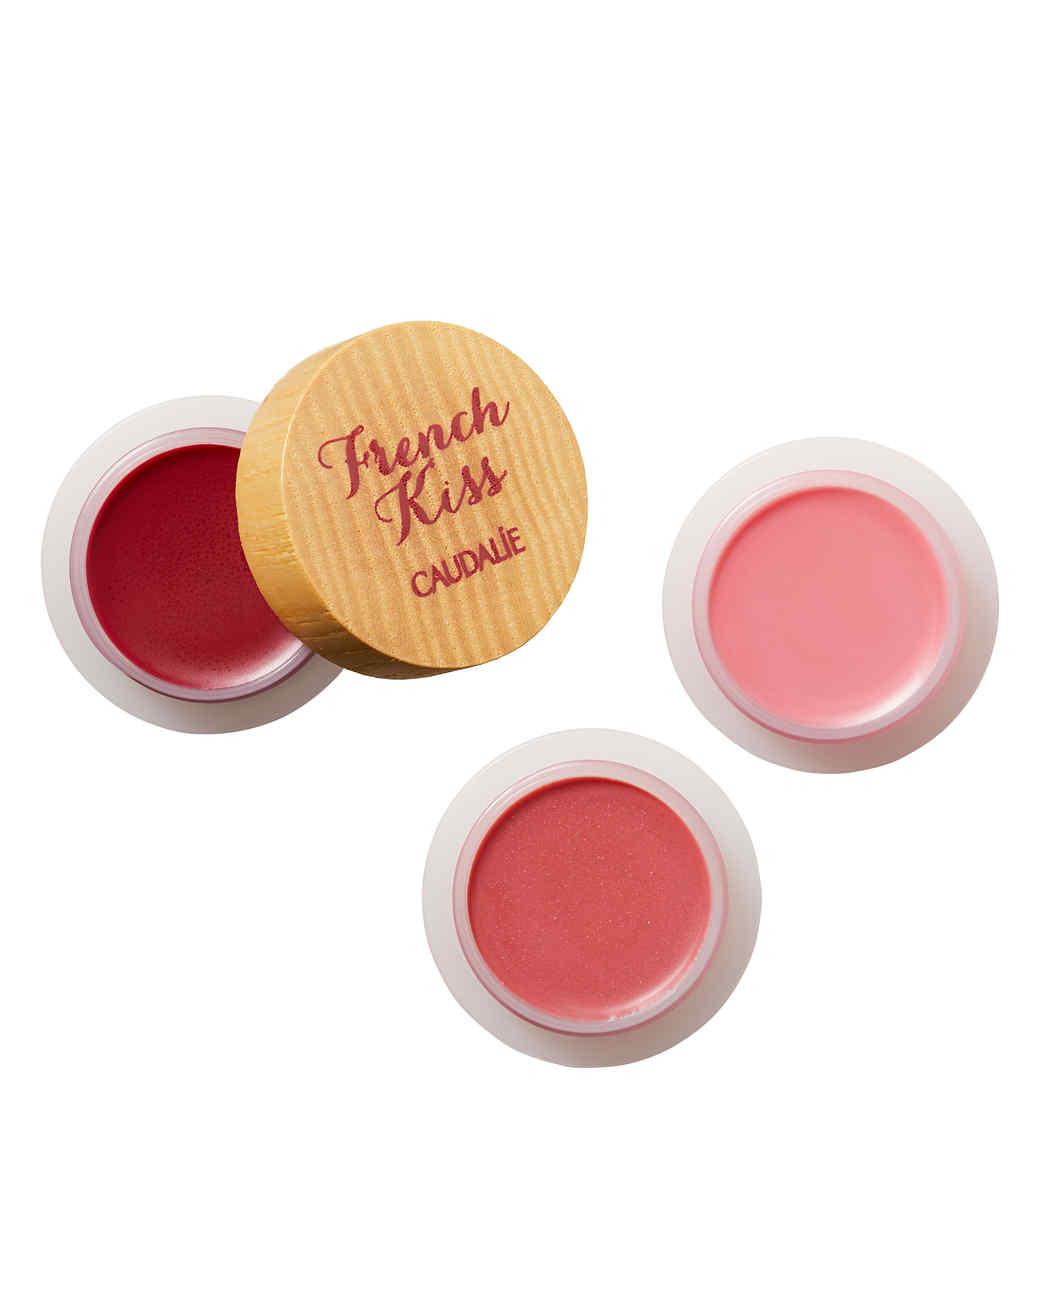 Caudalie French Kiss lip balms